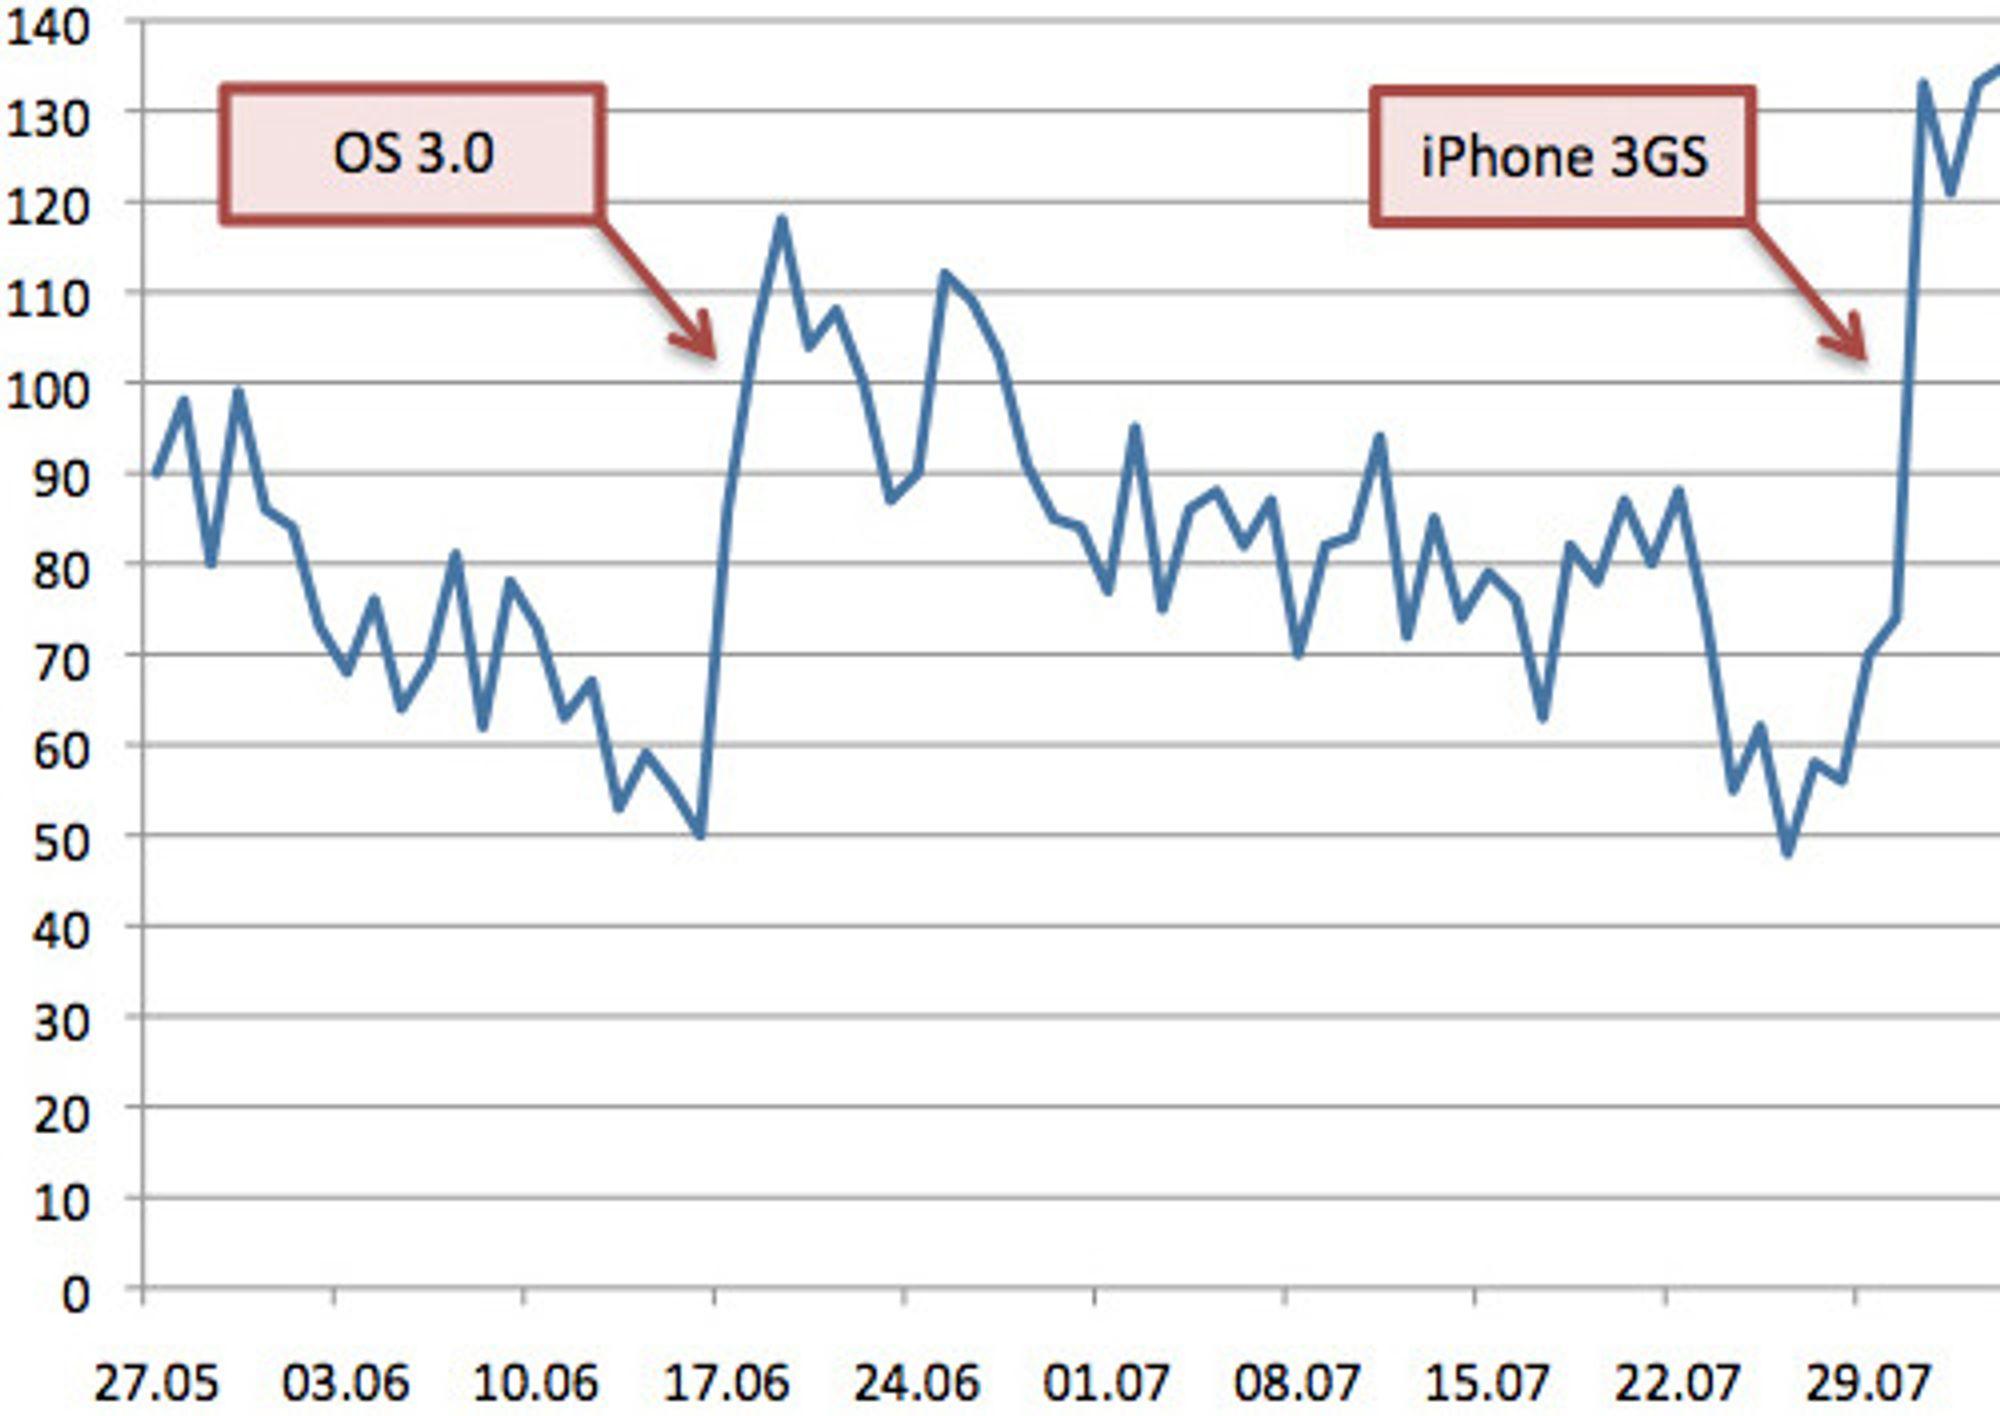 En graf som ekteparet selv har laget viser hvordan salget av radio-appen gjør et hopp ved lansering av nyheter som OS 3.0 og den nye iPhone 3GS. (Kolonnen til venstre viser antall nedlastinger per dag.)